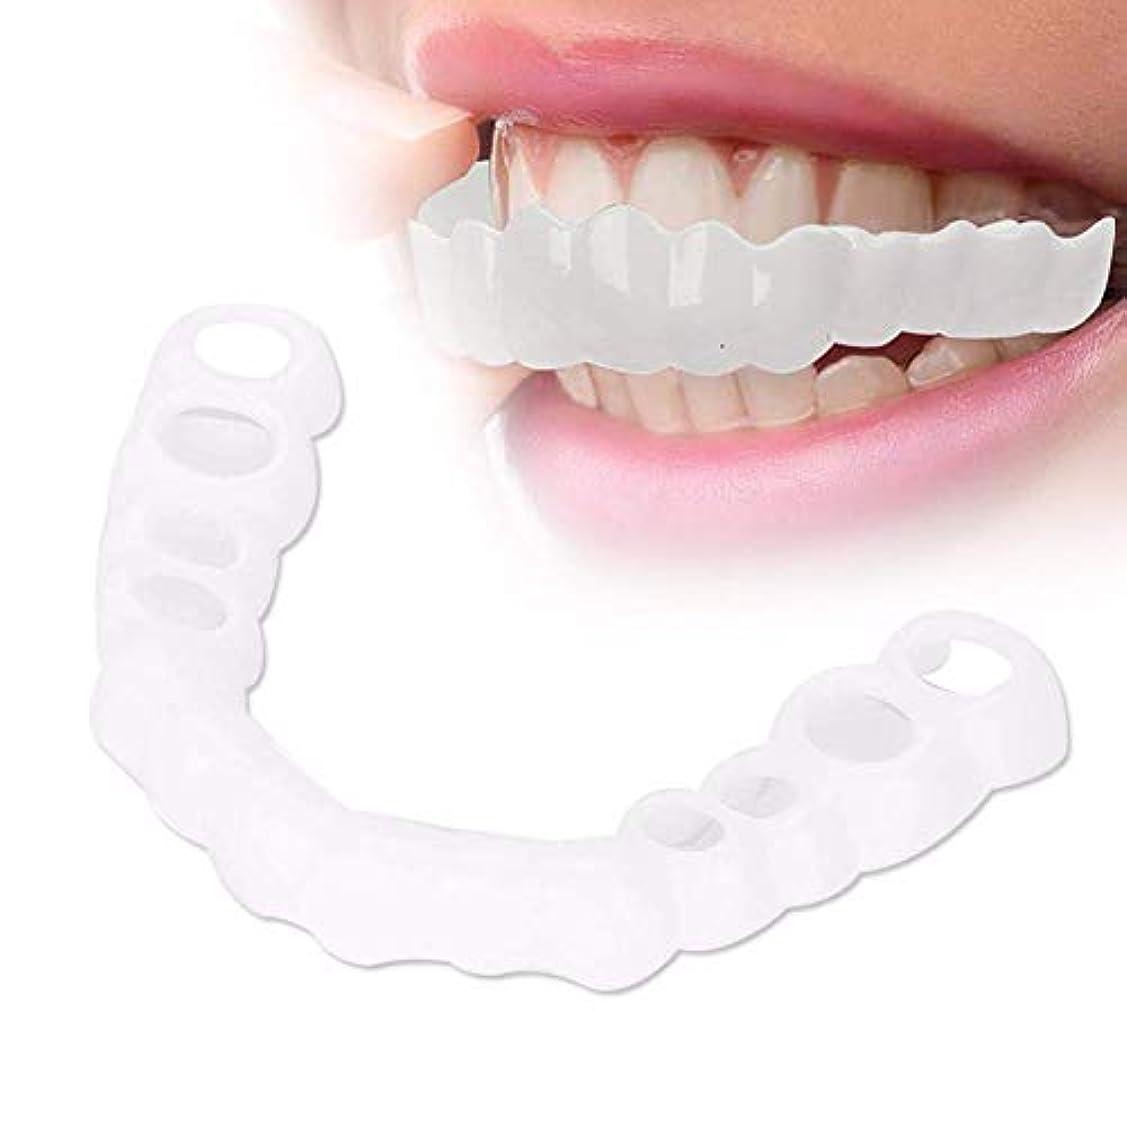 供給あいにくブラケット一時的な微笑の化粧品の歯義歯のベニヤの歯の歯のベニヤ(上の歯)